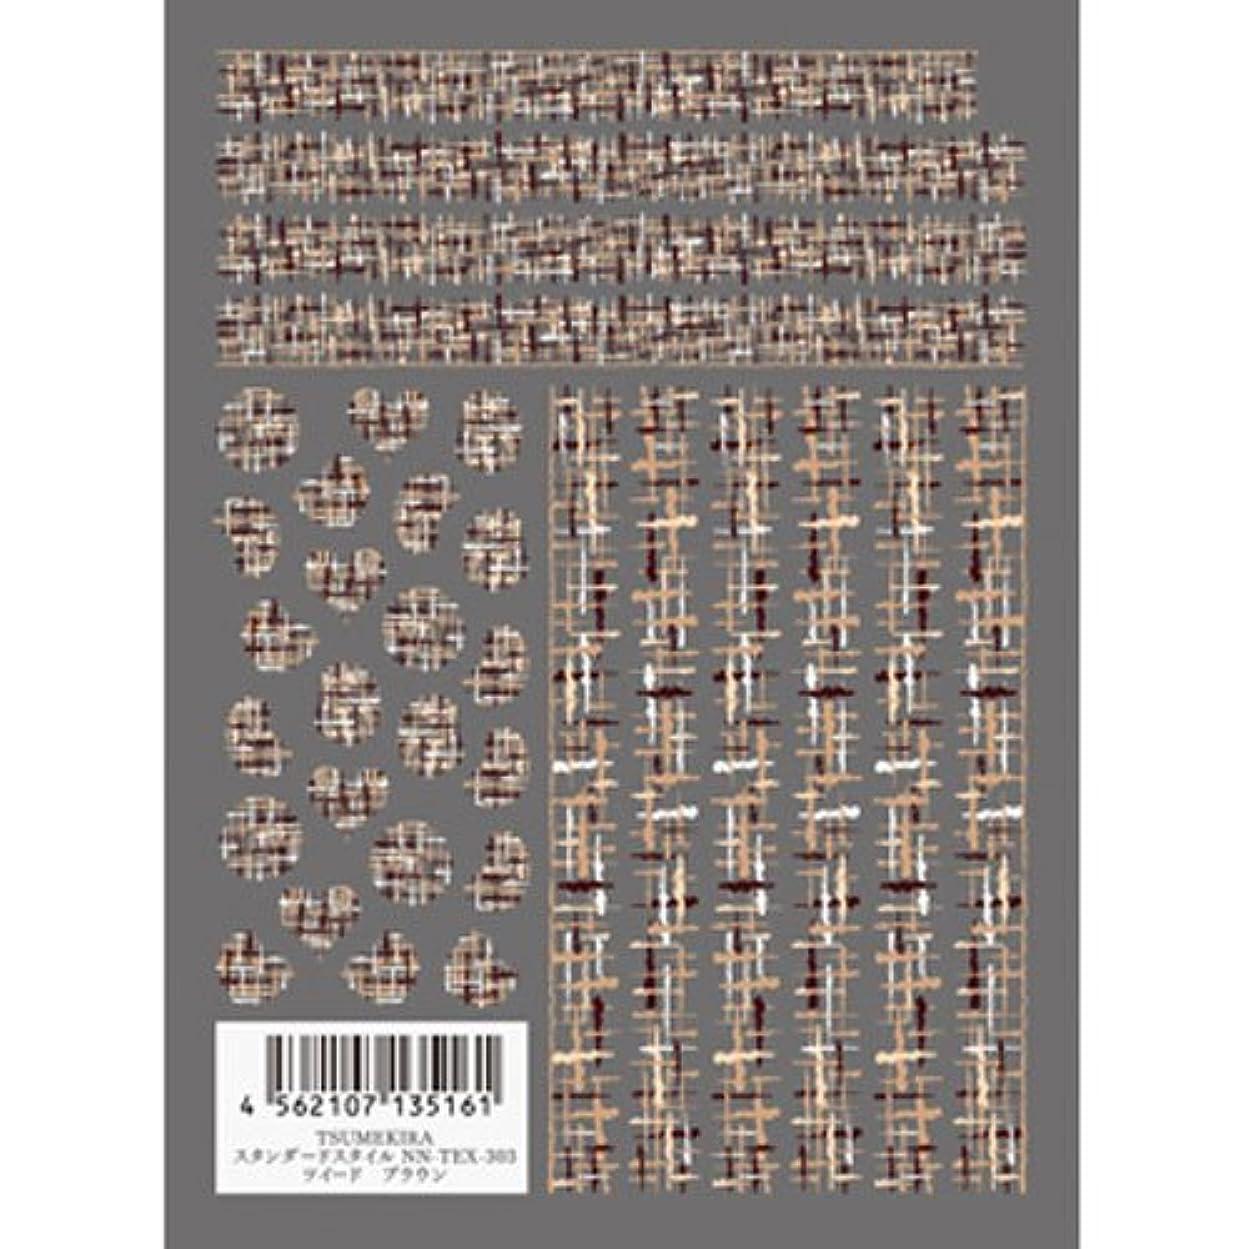 ファイバ聴衆マトンツメキラ ネイル用シール スタンダードスタイル ツイード ブラウン NN-TEX-303